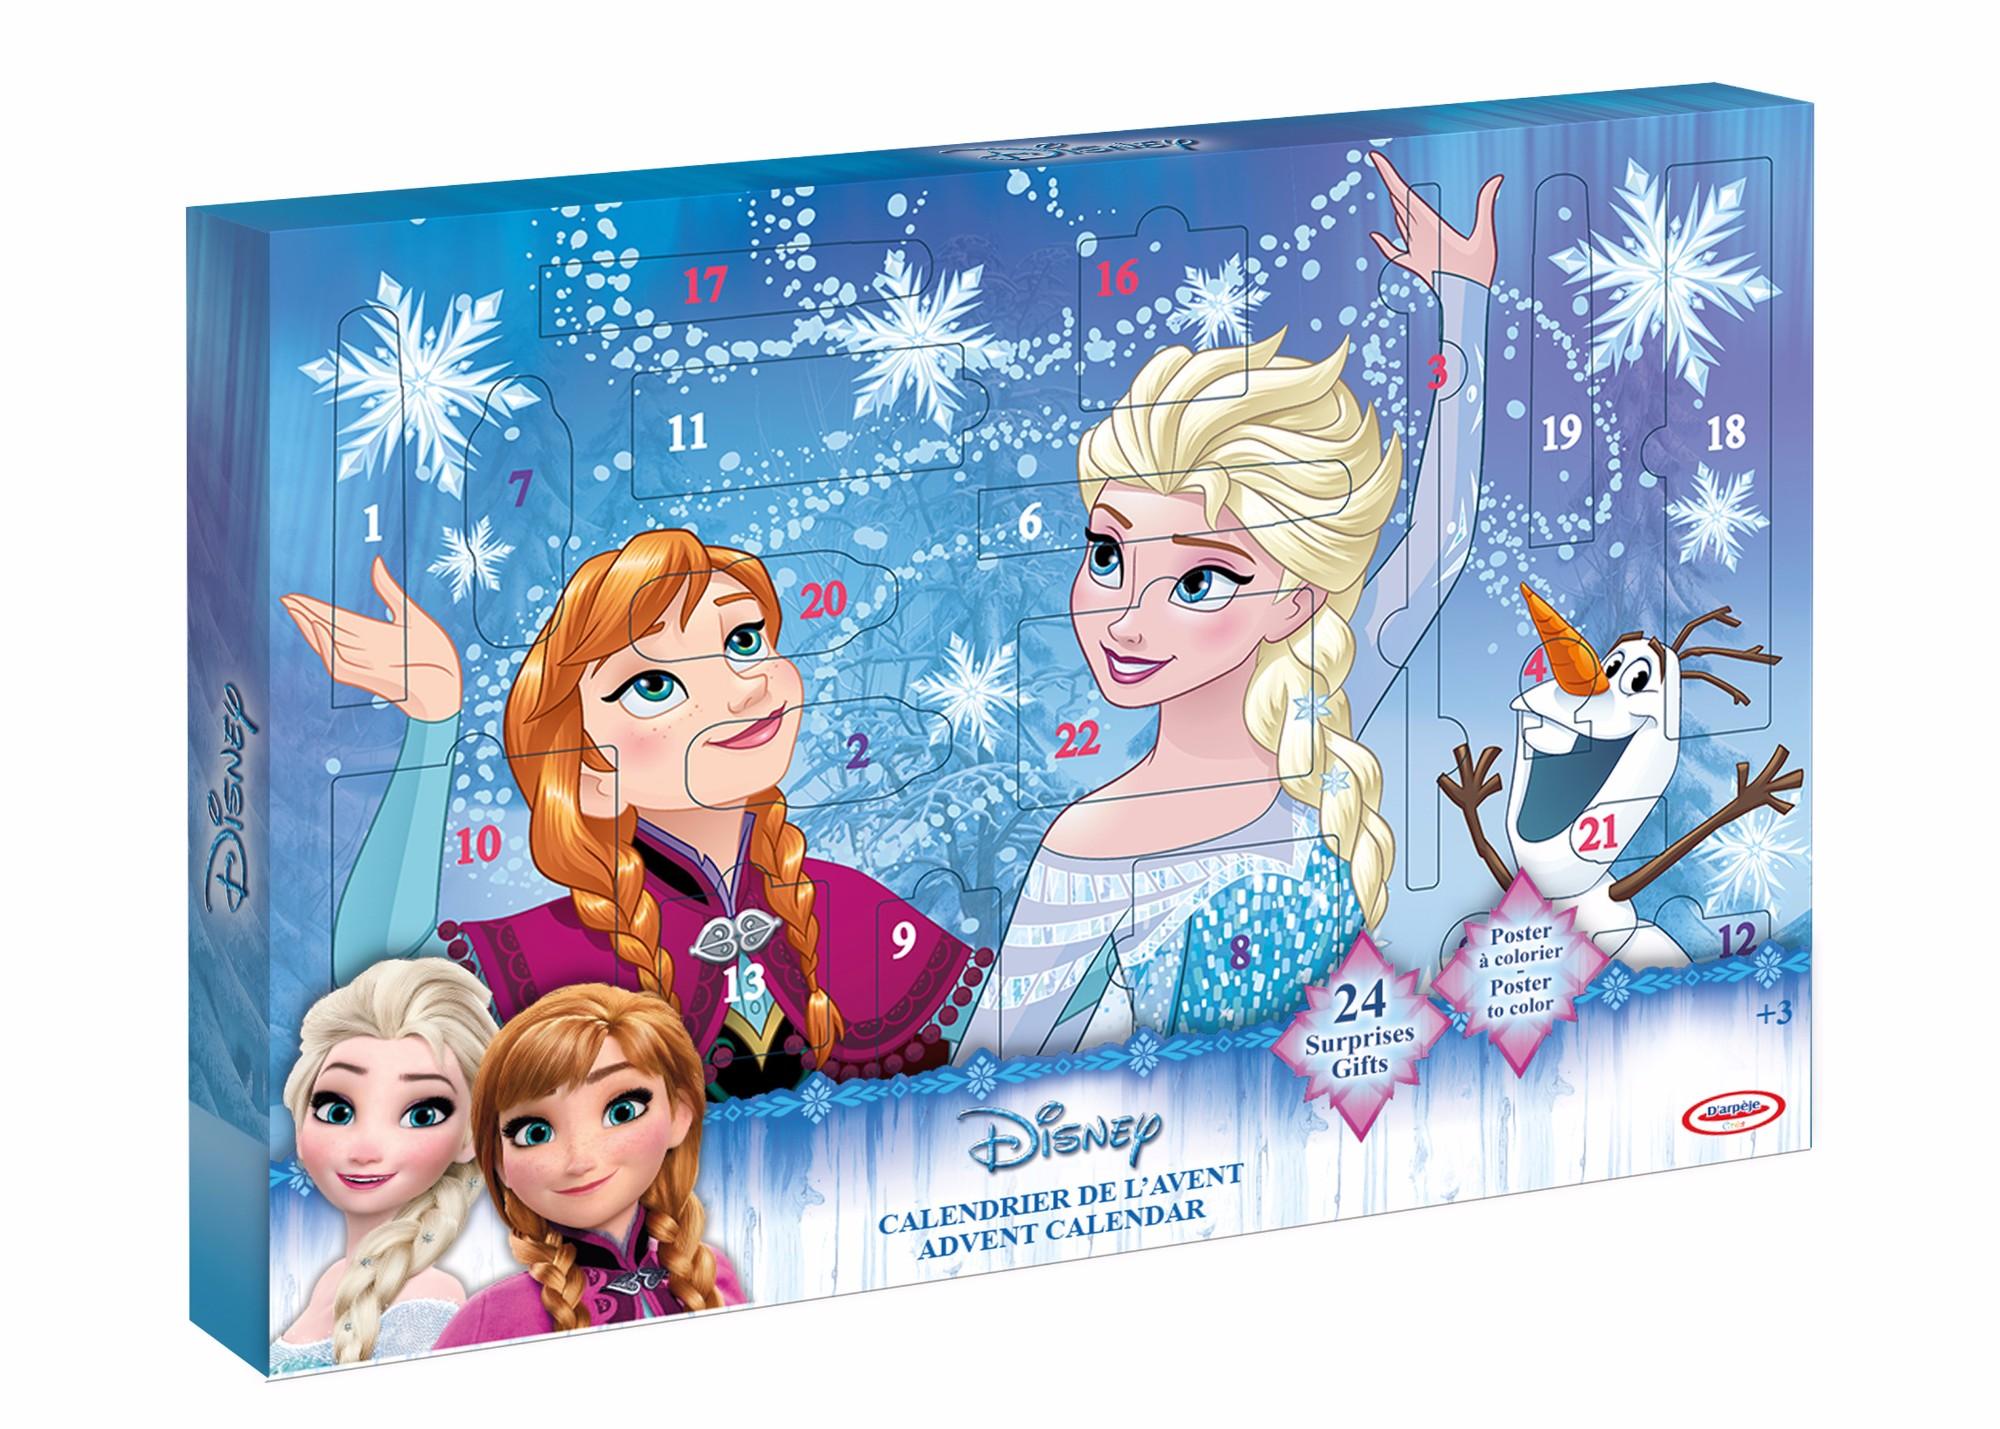 Advento kalendorius-kūrybinis rinkinys Frozen 4-11 metų vaikams (299043)